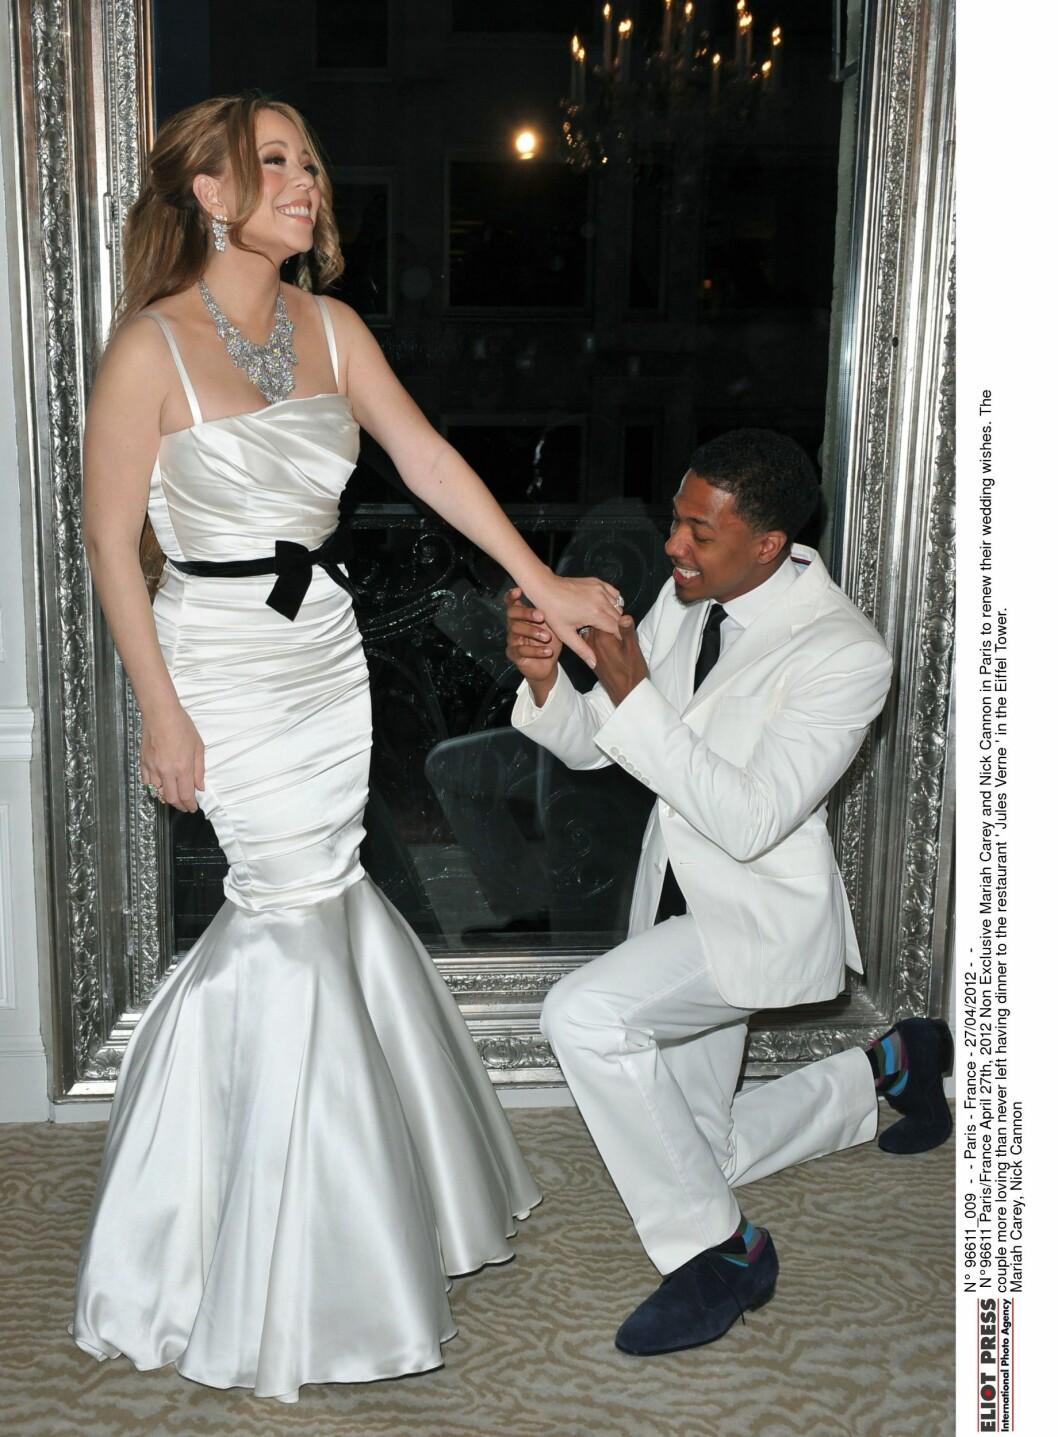 SA JA PÅ BAHAMAS: Mariah Carey og Nick Cannon. Bildet er fra da de fornyet ekteskapsløftene i Paris i 2012. Foto: All Over